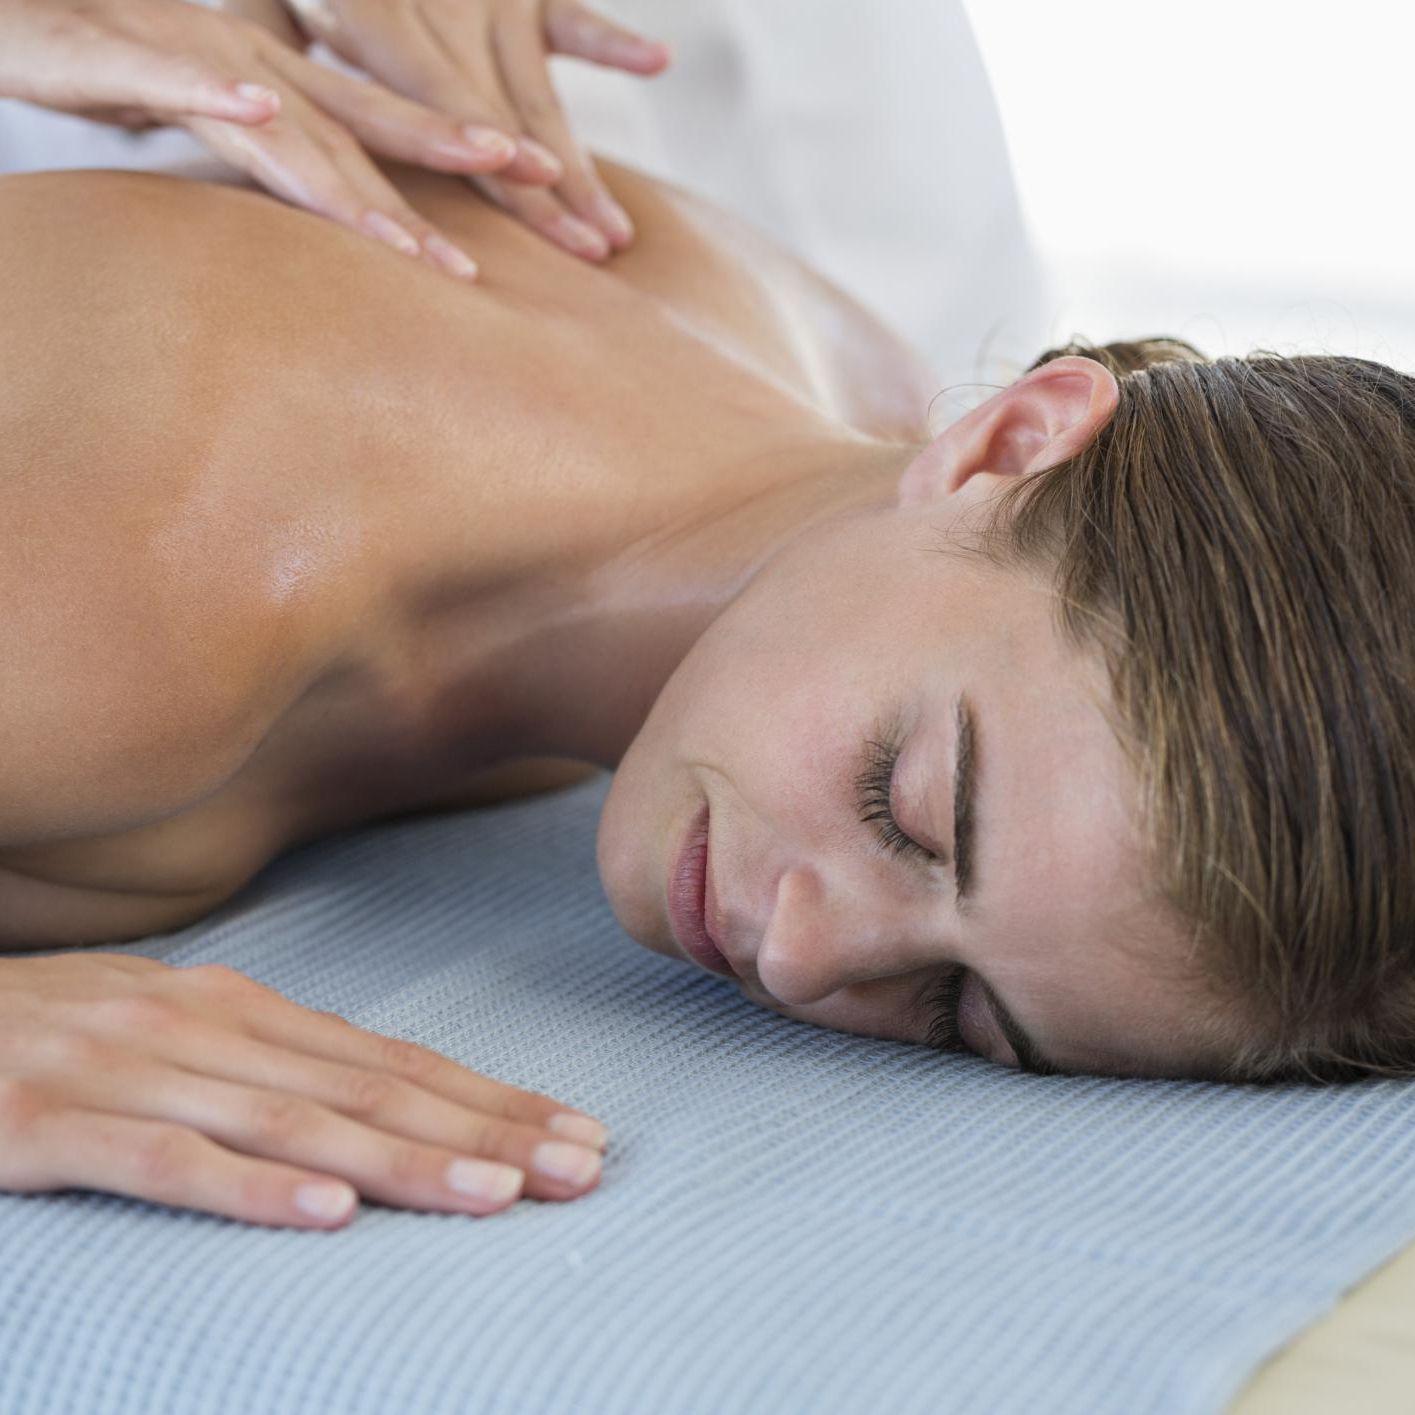 body 2 body massage stockholm